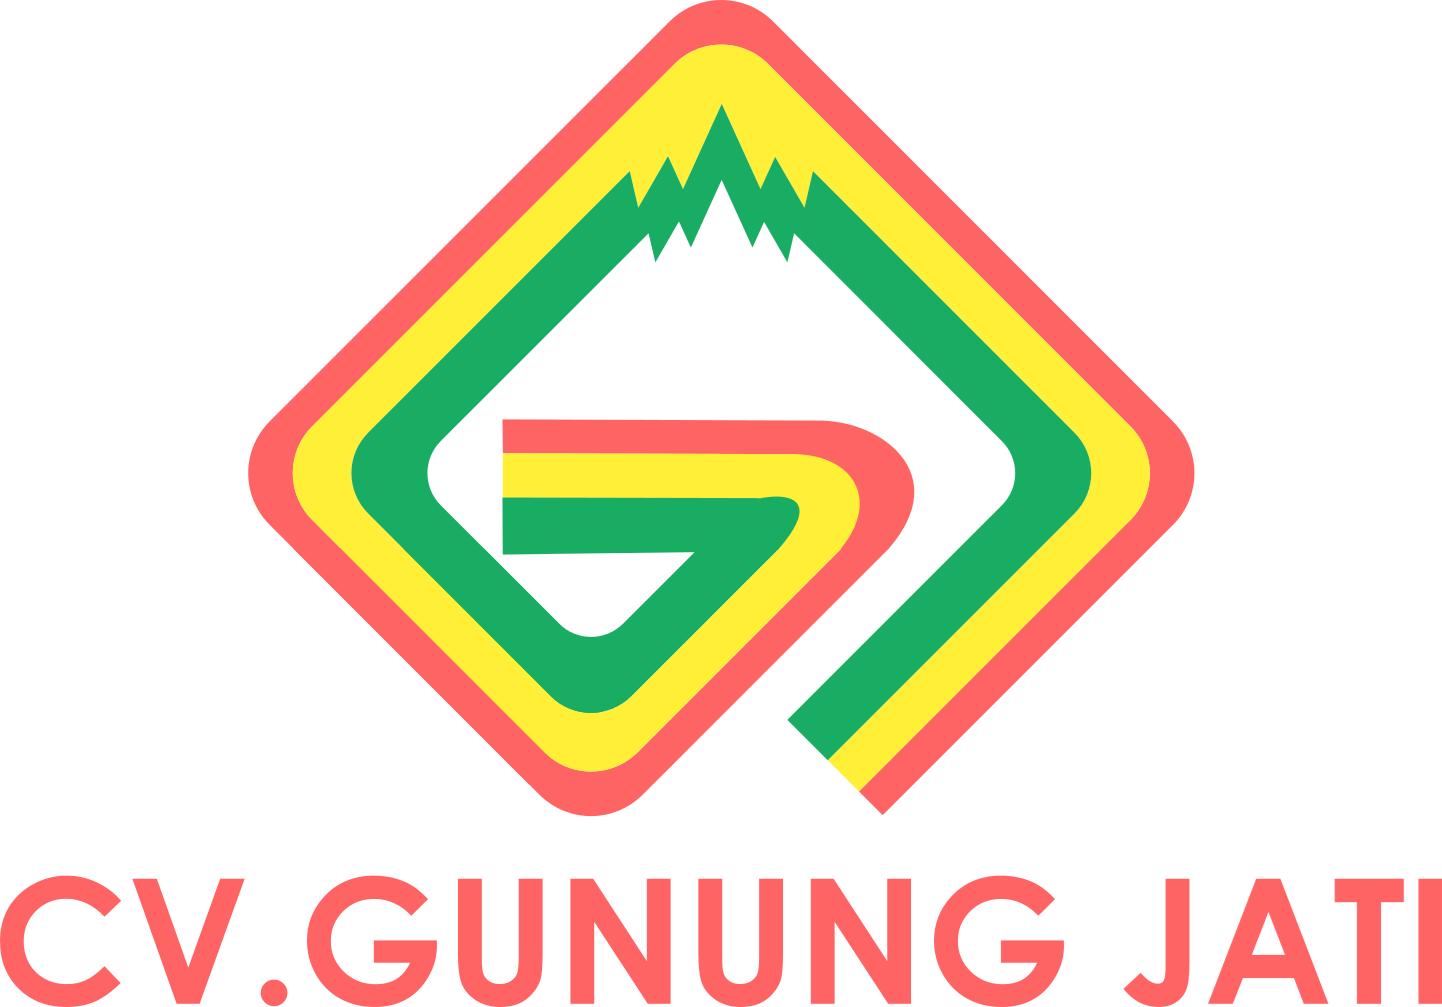 Gunung Jati